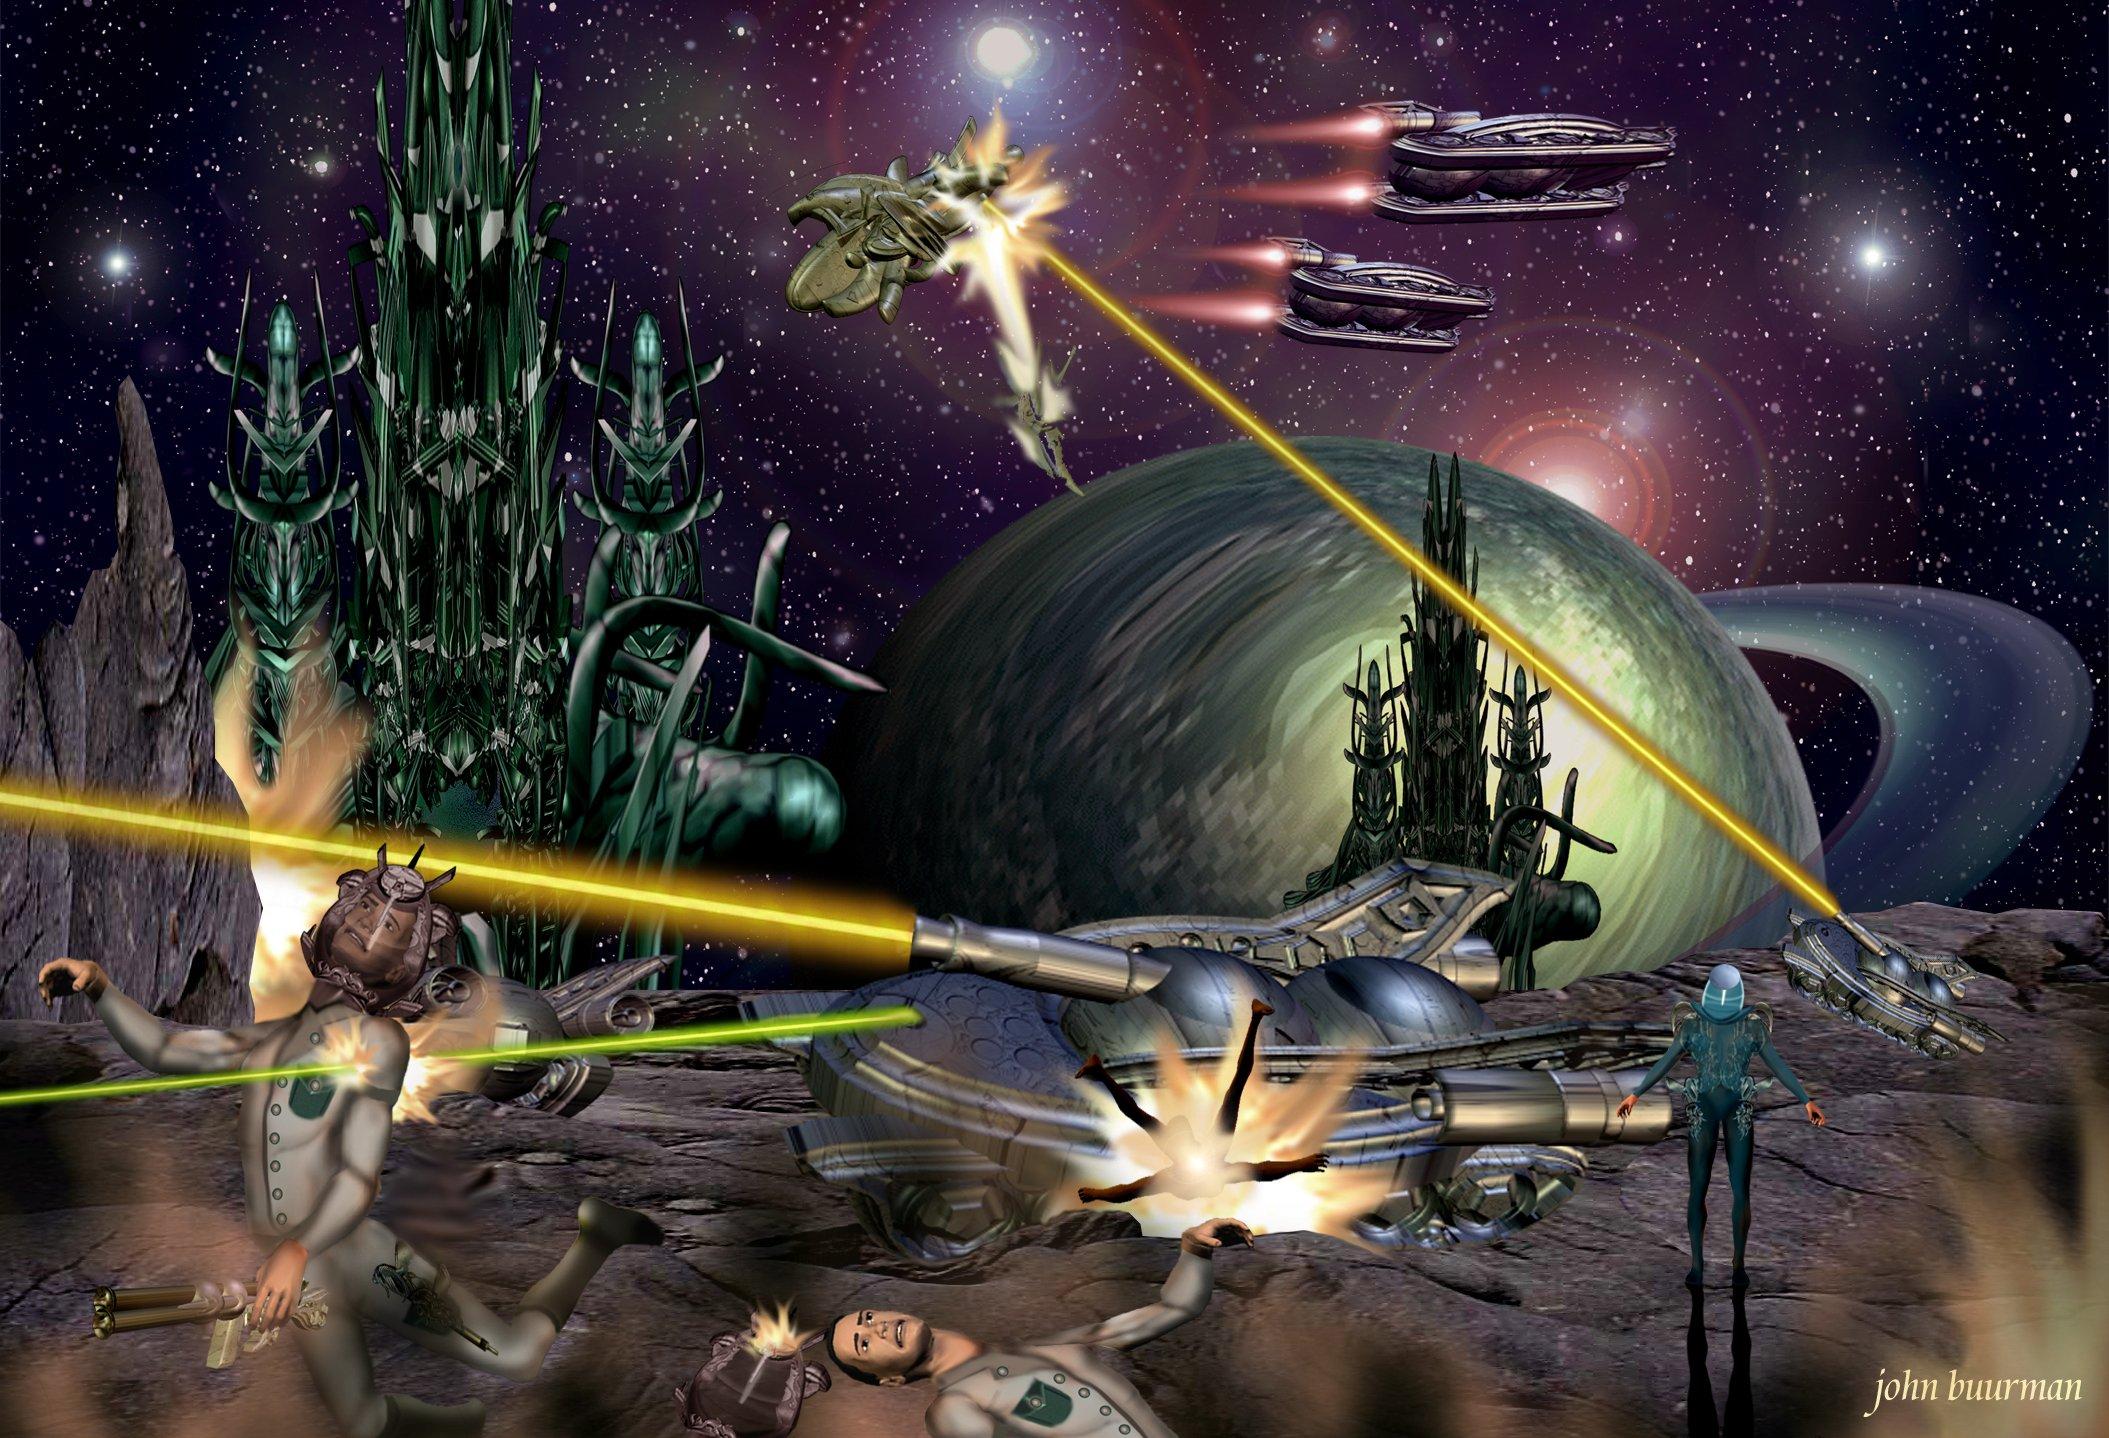 Der Krieg zieht über die somerische Welt Beschryr. (C) John Buurman